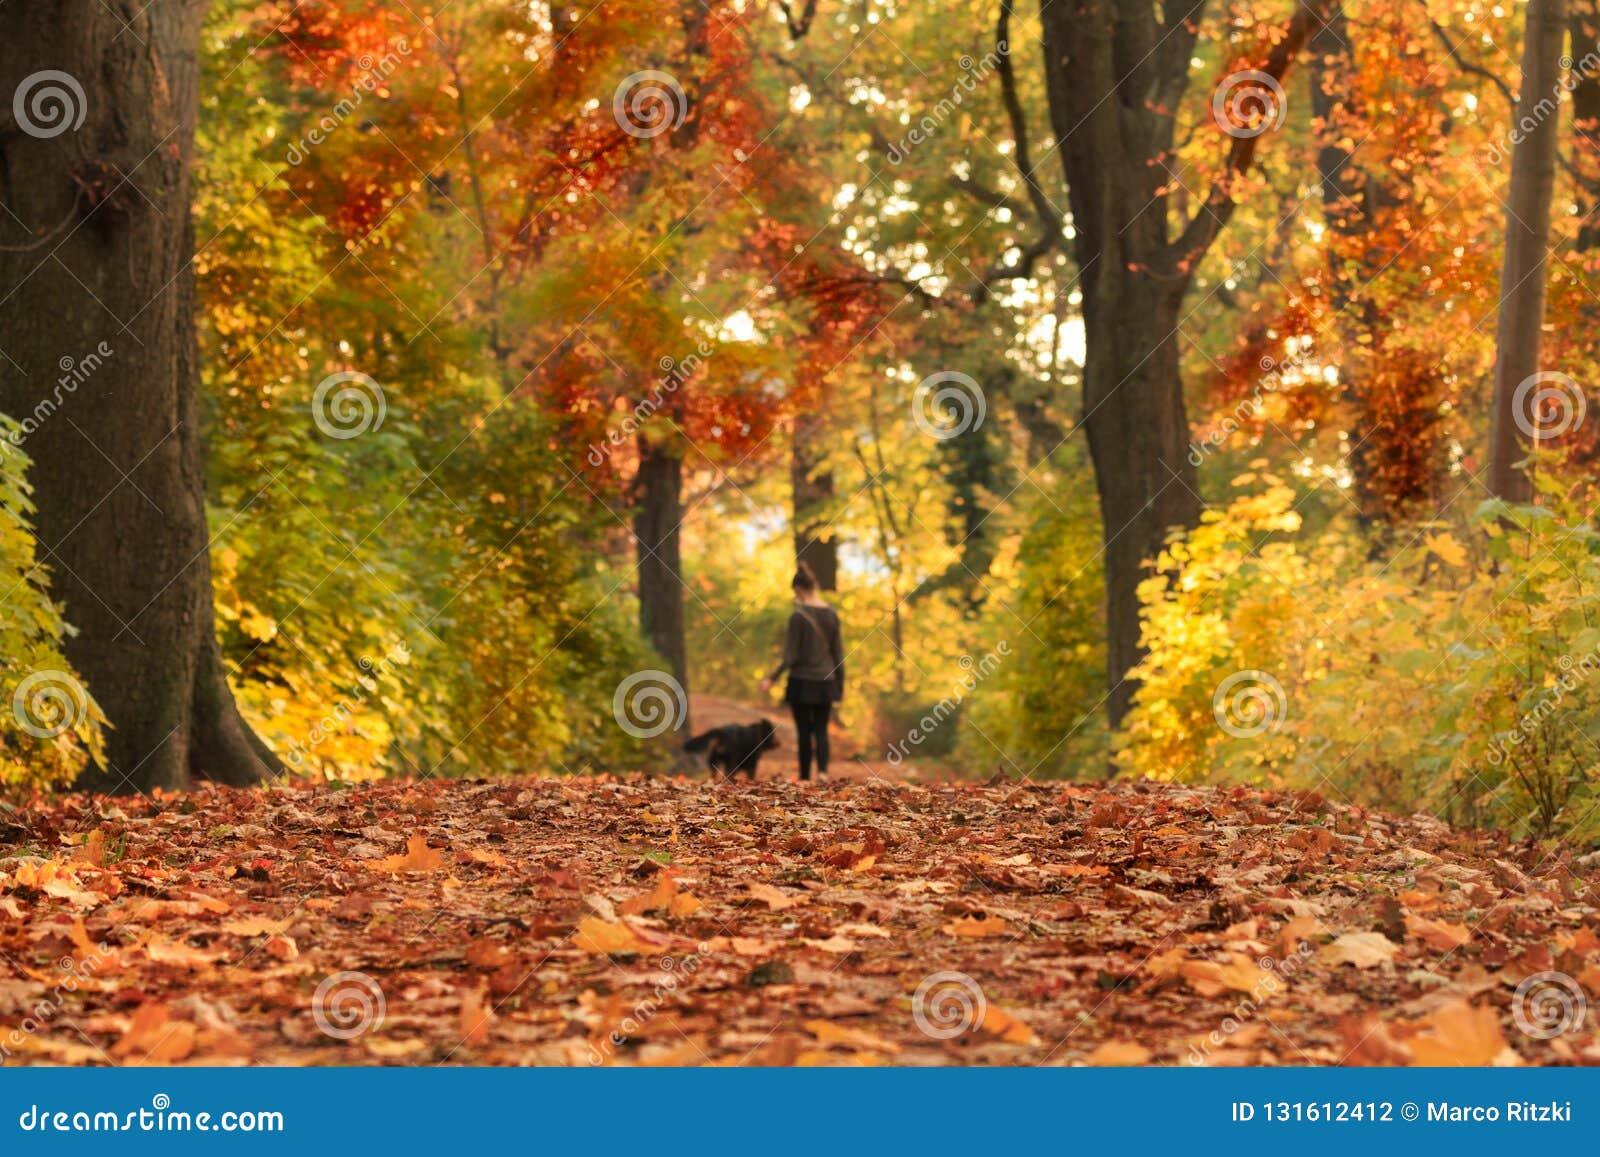 Trajeto do outono com folhas coloridas